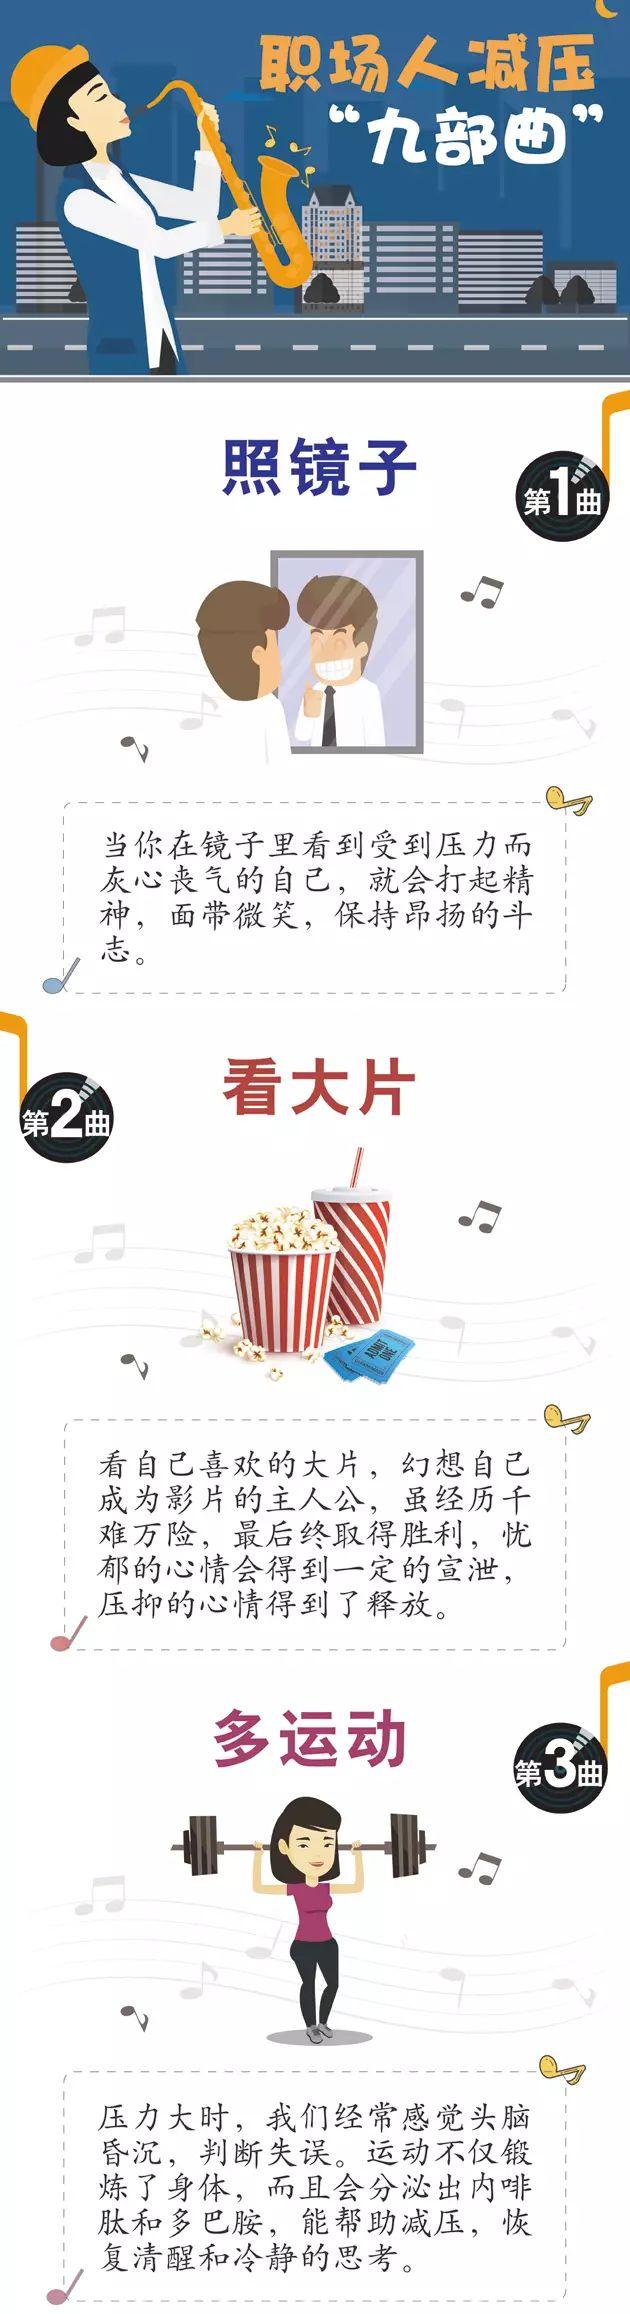 """【一图读懂】职场减压""""九部曲""""(值得收藏)"""